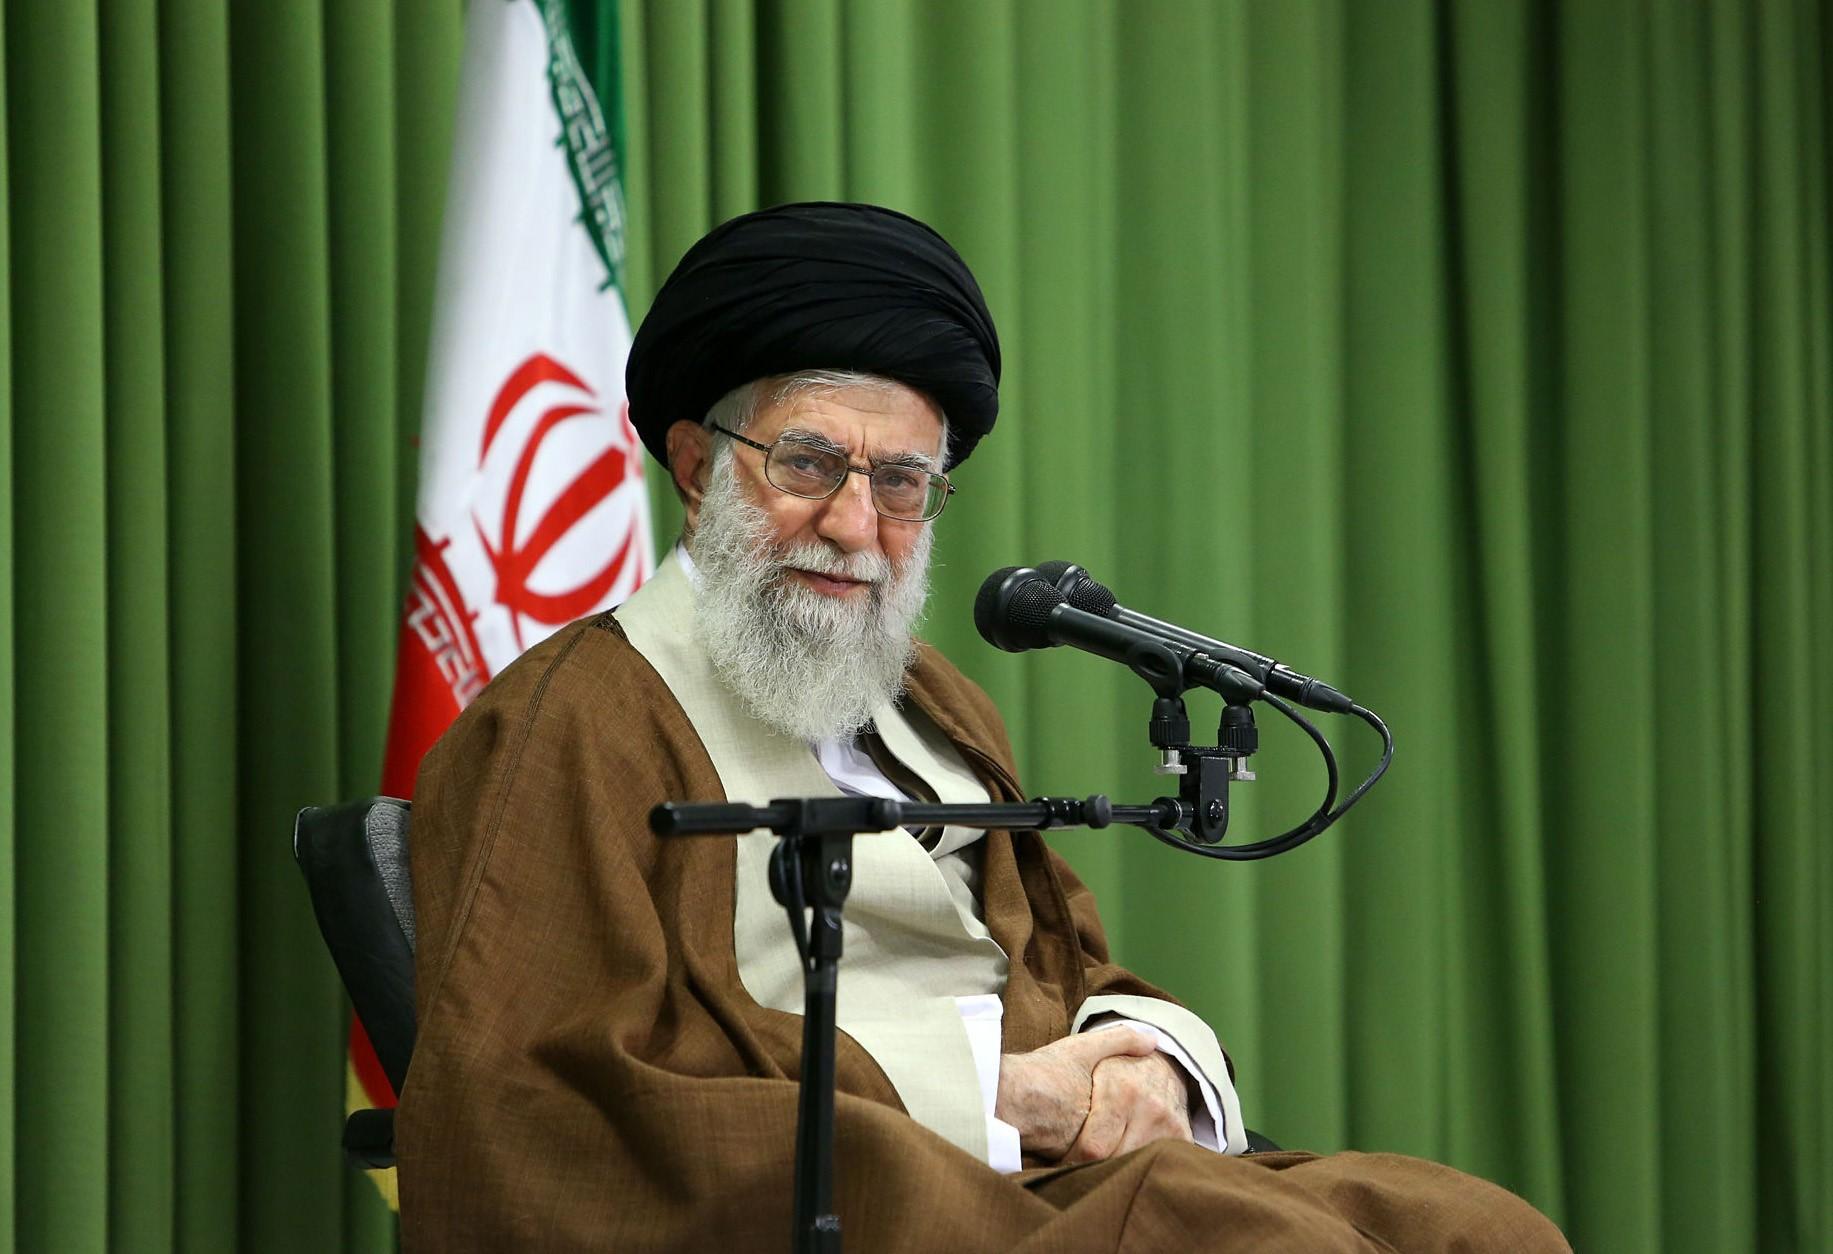 خامنئي إيران - ما الذي تريده إيران في أفغانستان؟